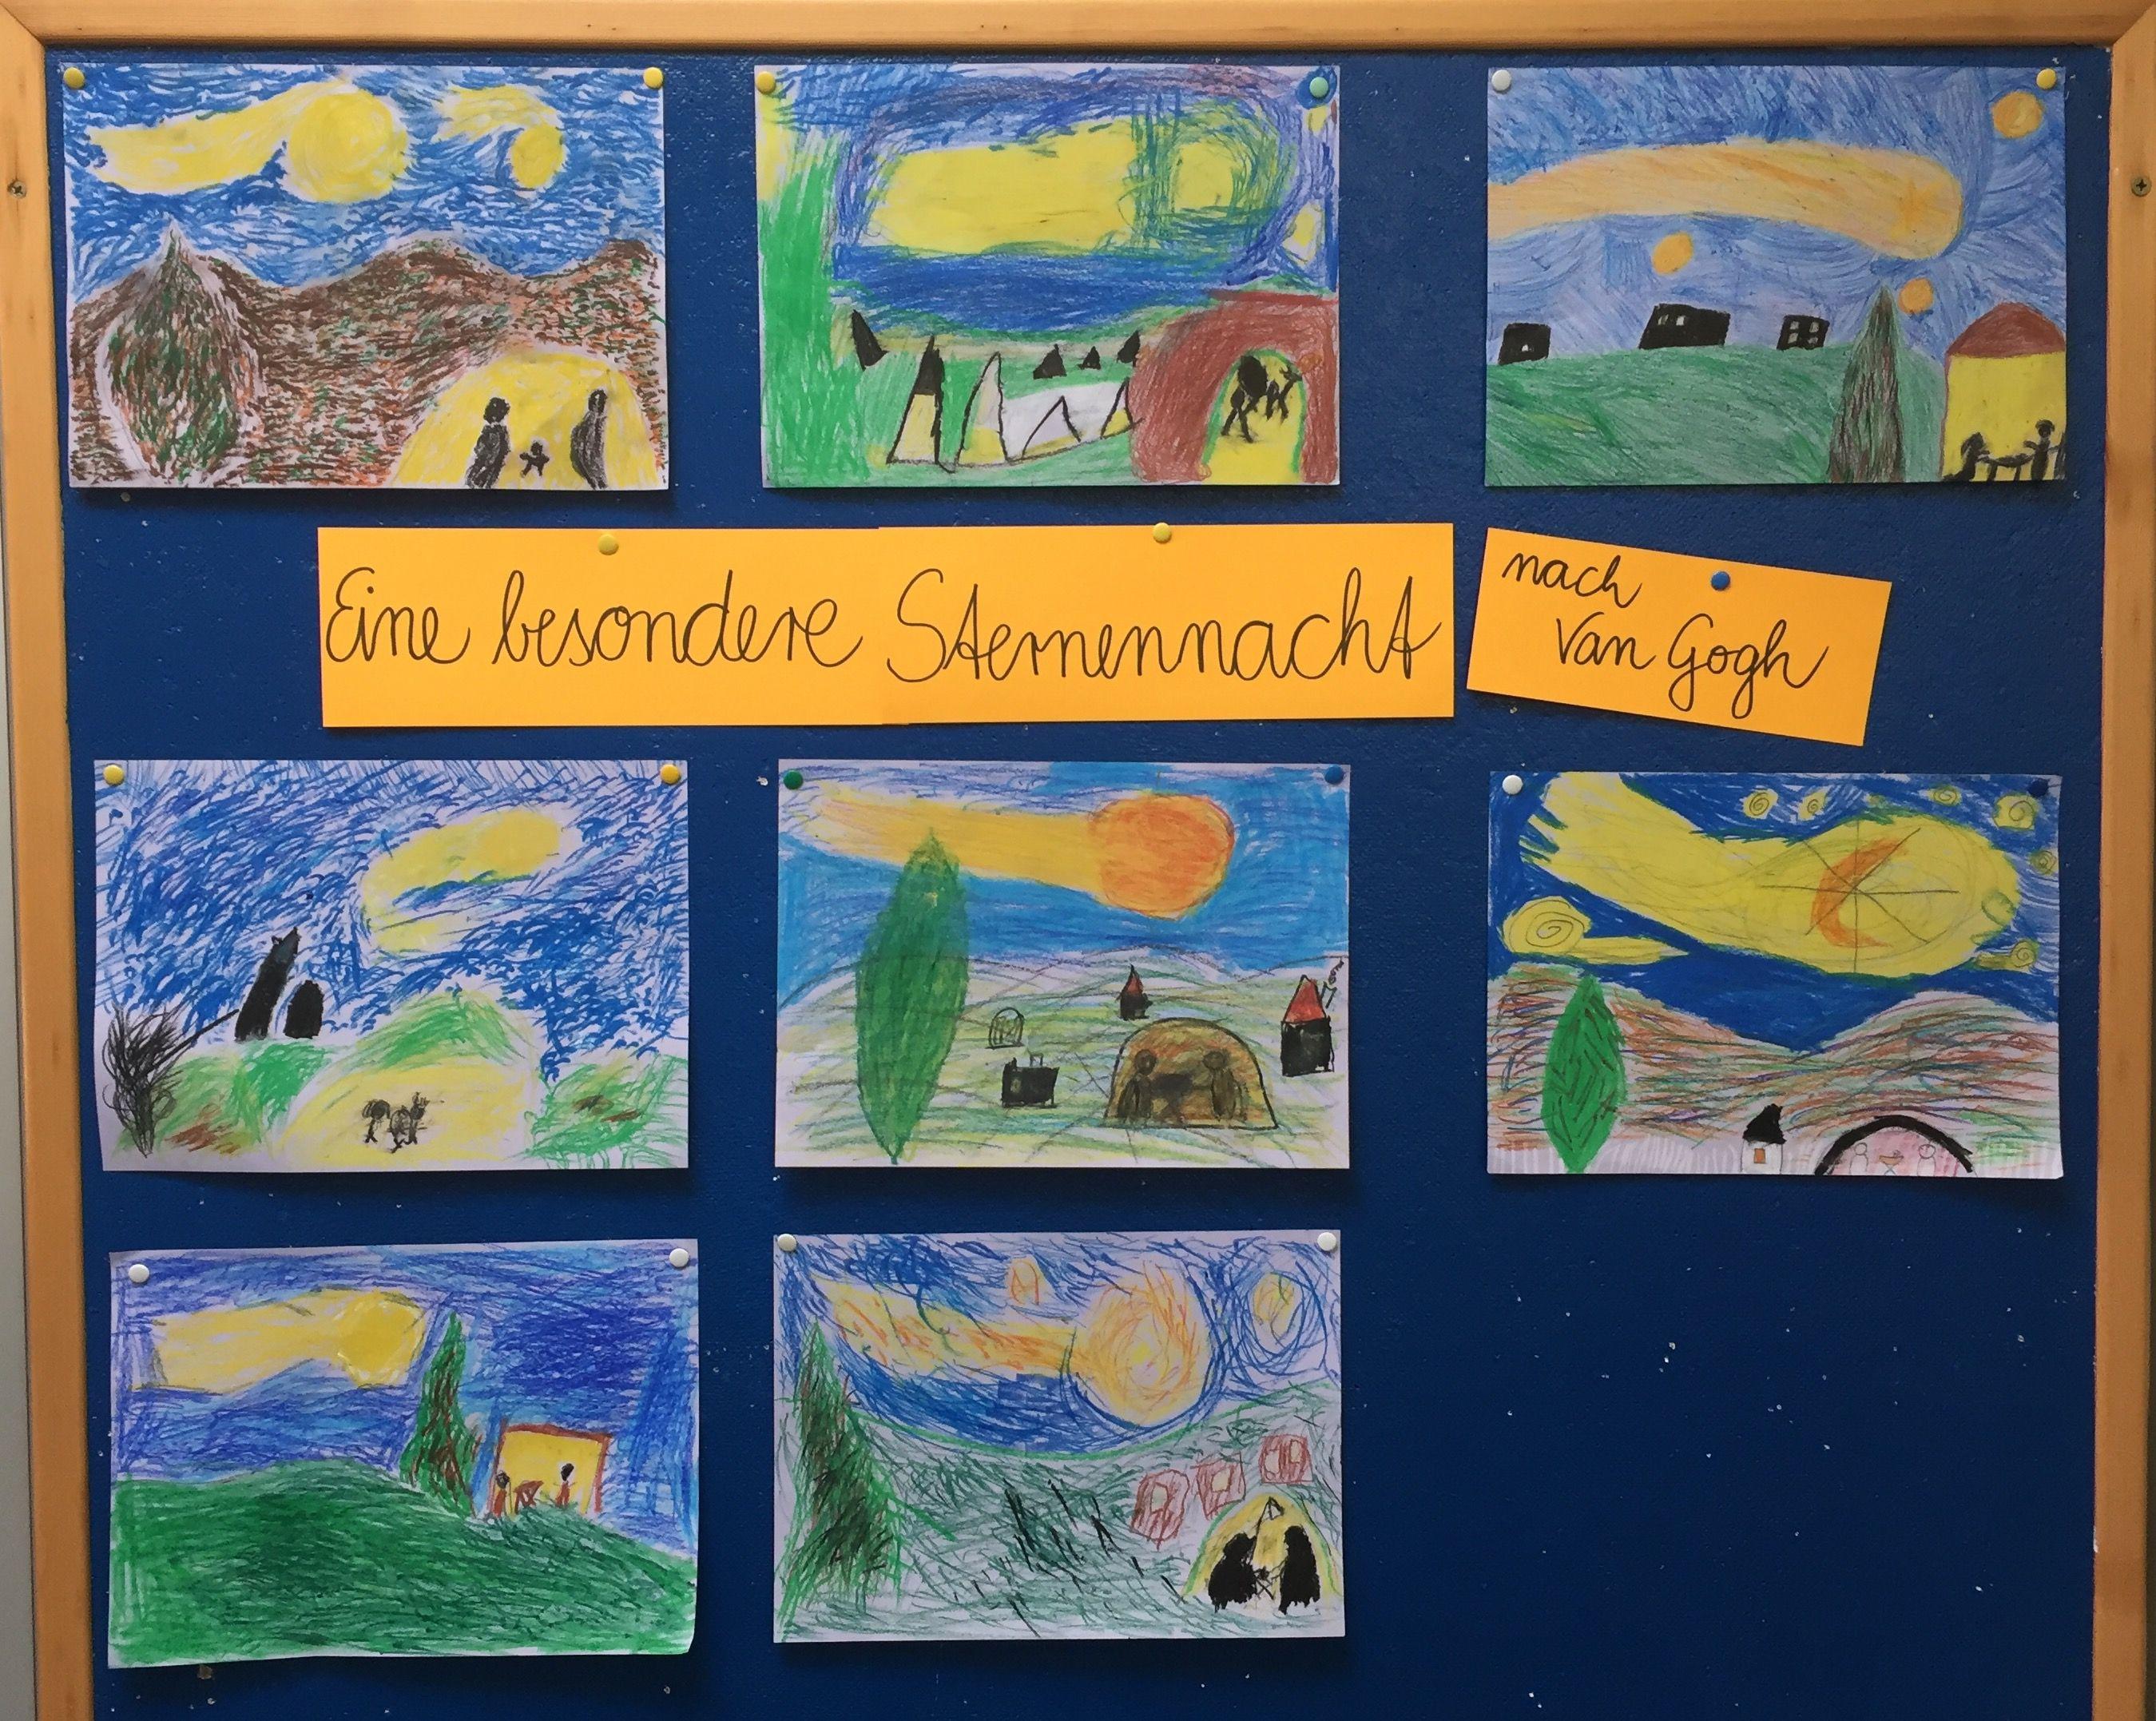 Kunstunterricht Grundschule Van Gogh Sternennacht